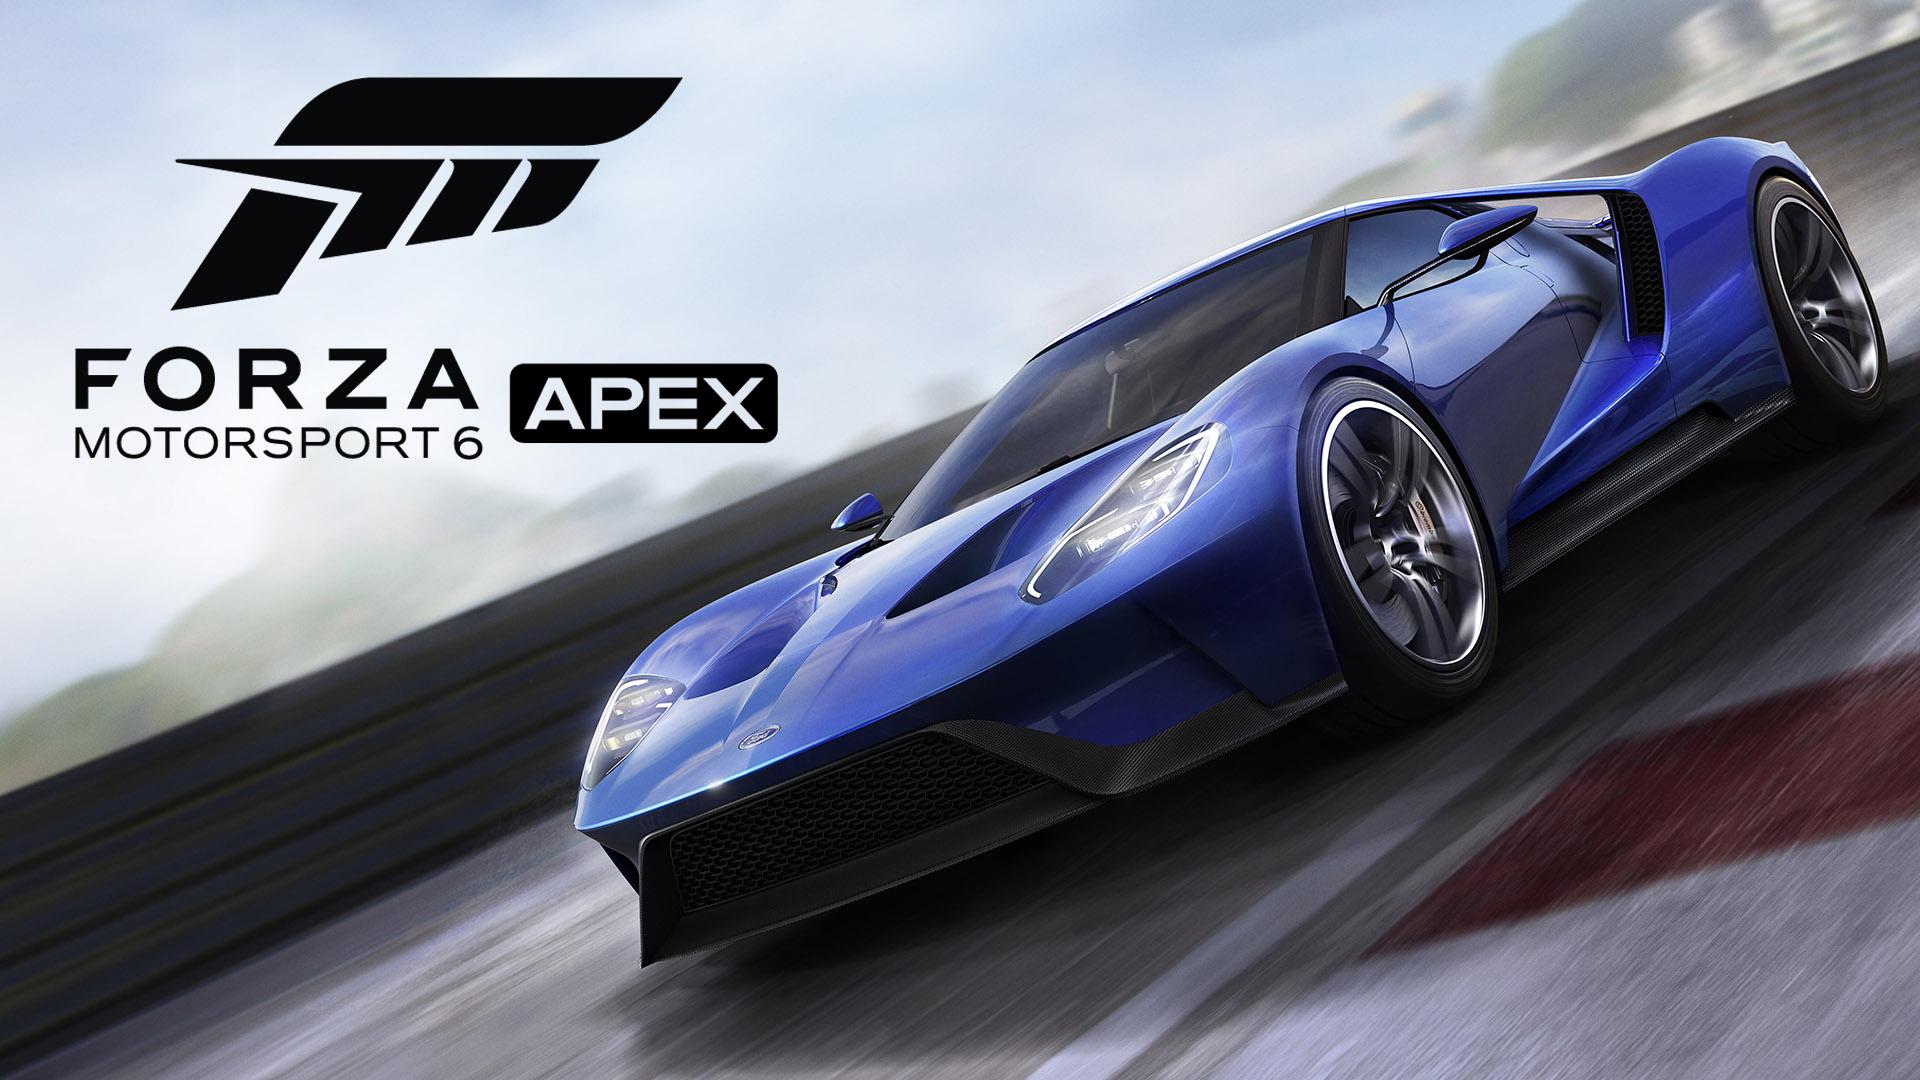 Forza 6 Apex lanseres gratis til Windows 10 i løpet av våren.